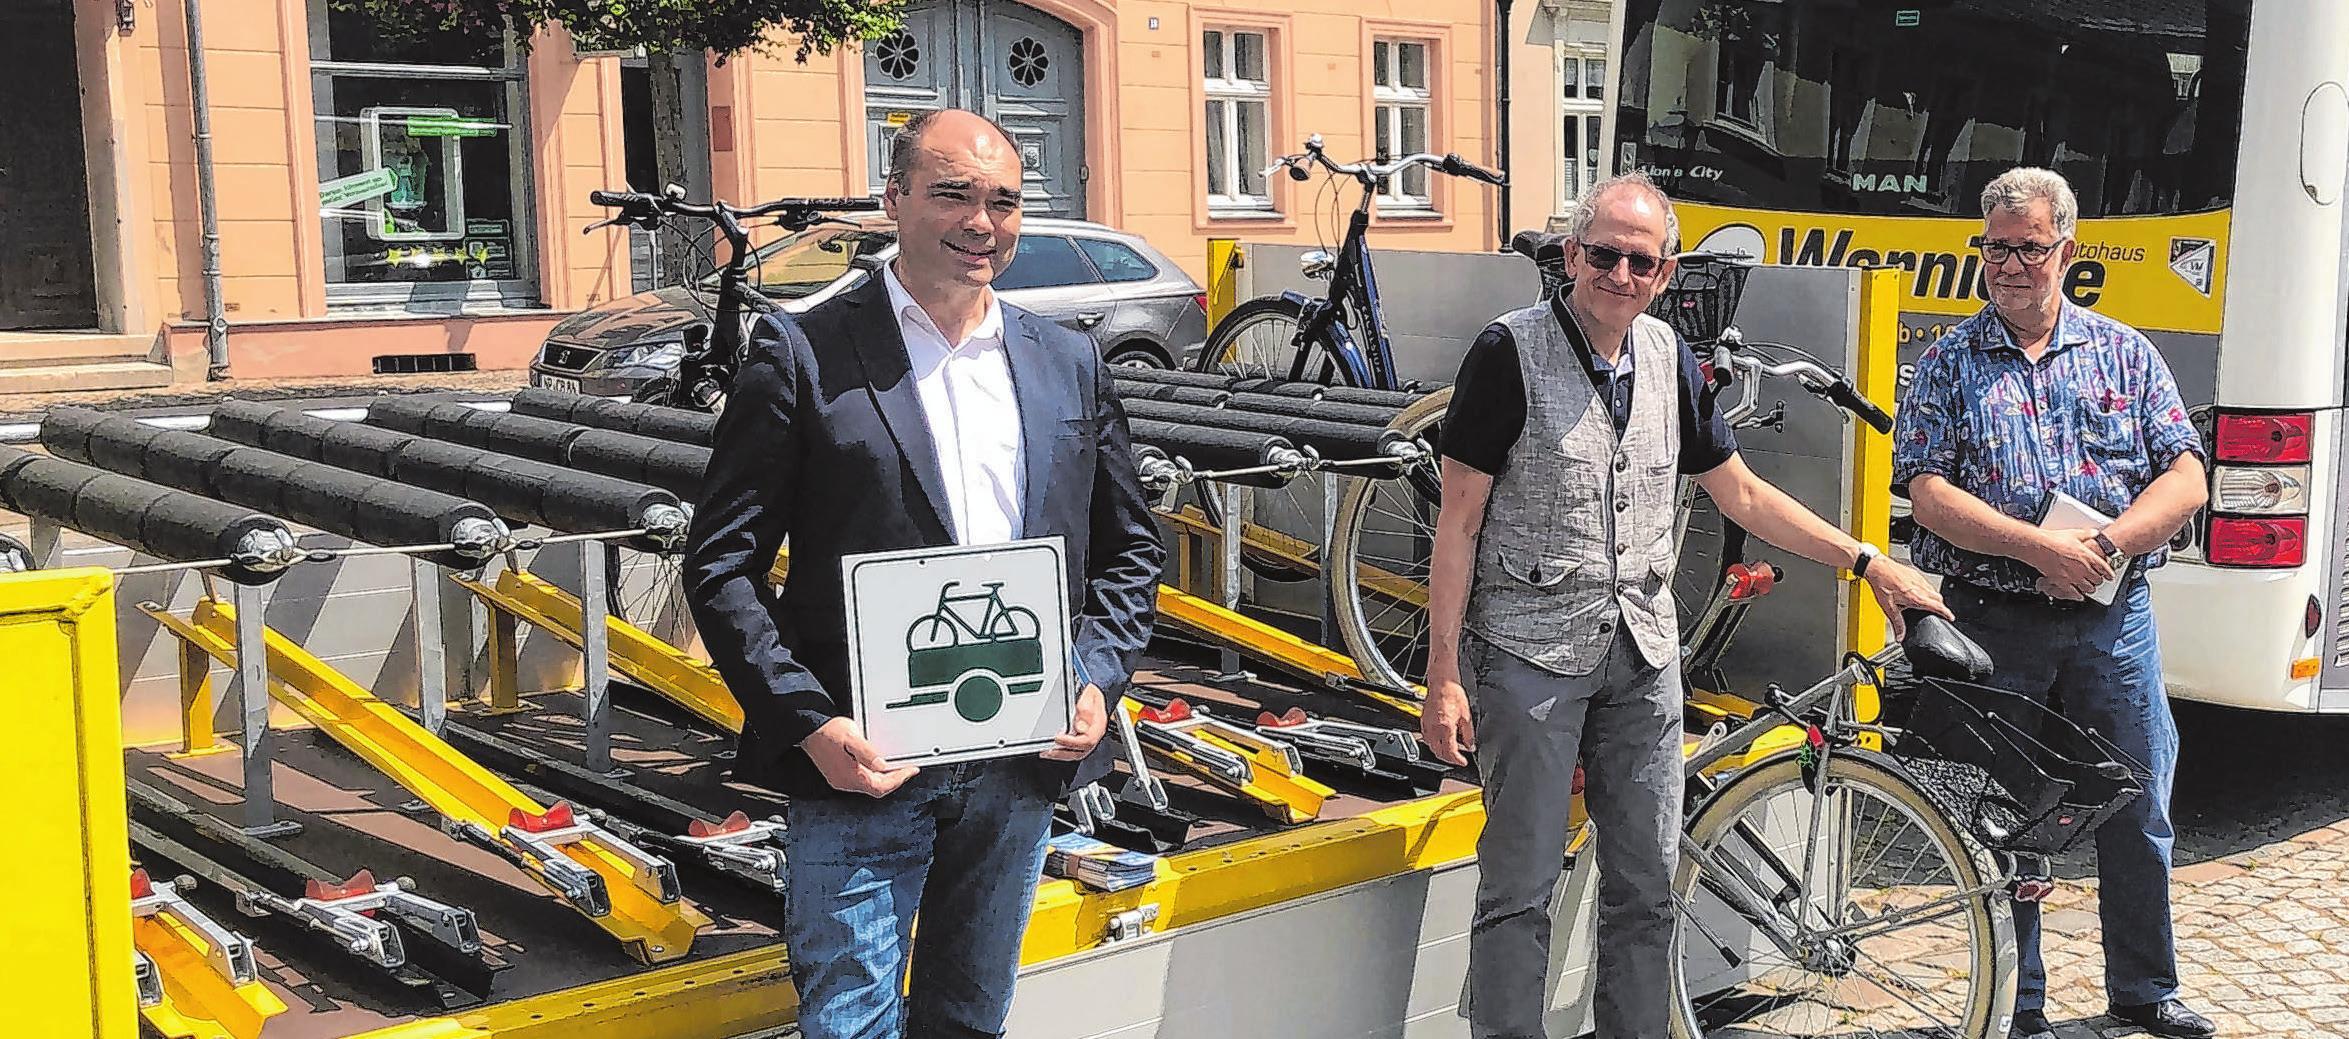 Ulrich Steffen, Geschäftsführer ORP GmbH, stellt den Fahrradhänger vor. Foto: Wolter